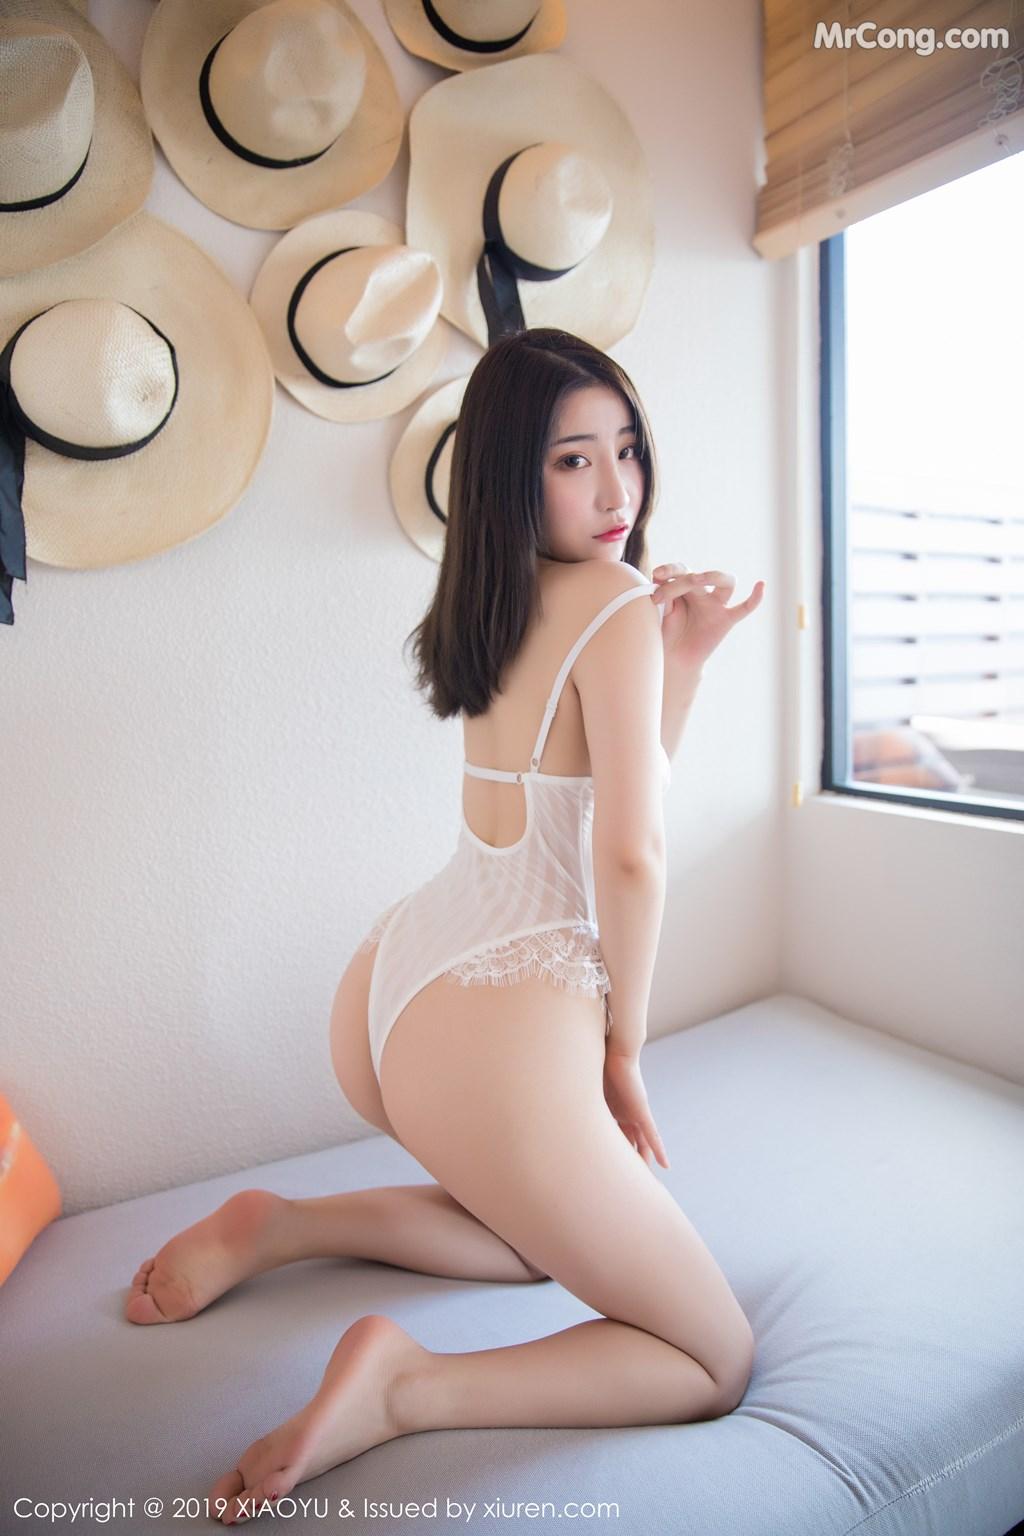 Image XiaoYu-Vol.147-Cherry-MrCong.com-004 in post XiaoYu Vol.147: 绯月樱-Cherry (66 ảnh)